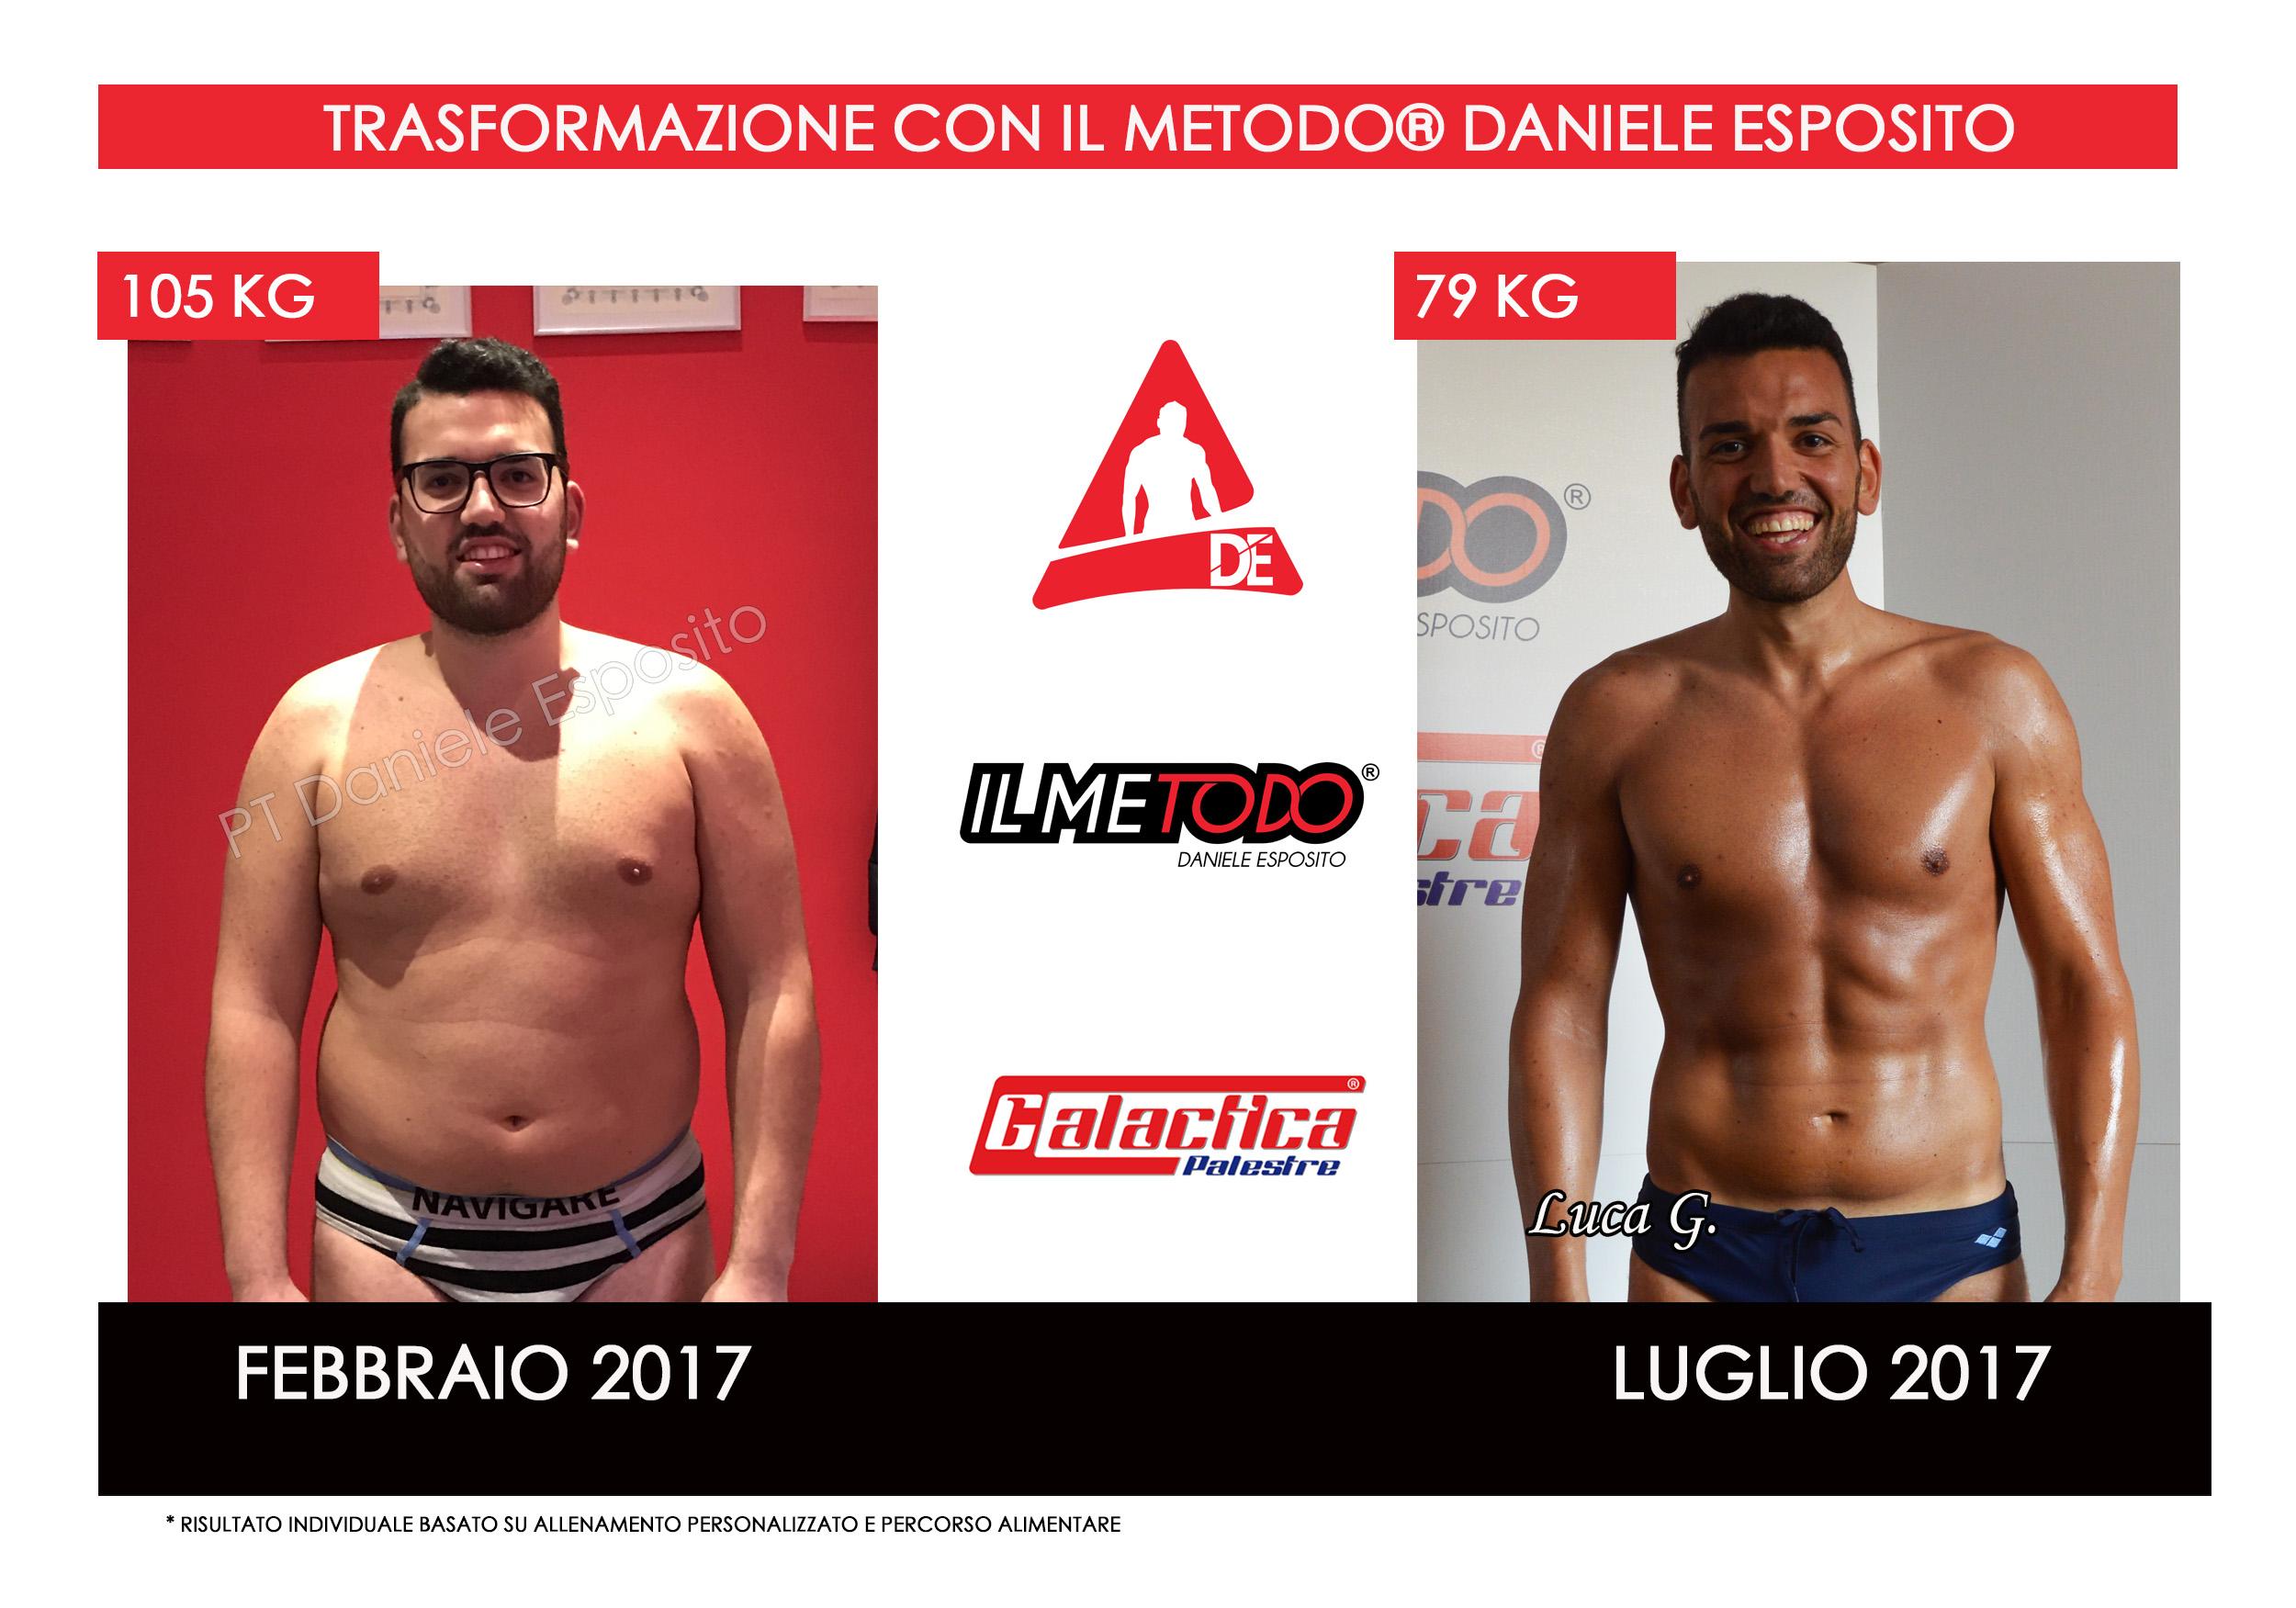 Grimaldi Luca - 5 Metodi per Dimagrire e Rimanere Magri - il Metodo® Daniele Esposito